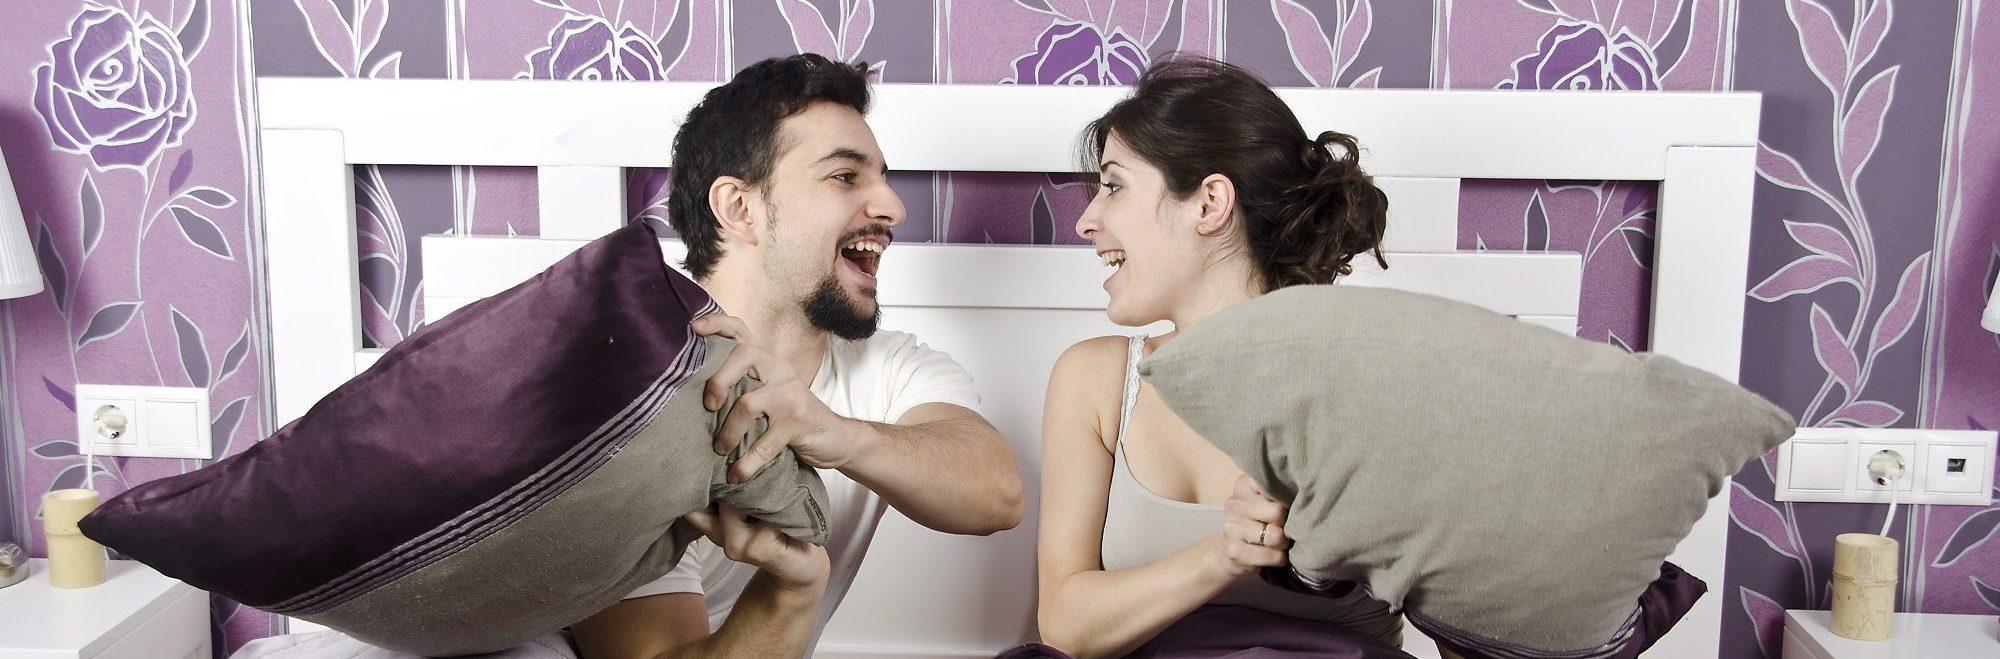 妻と夫の事情